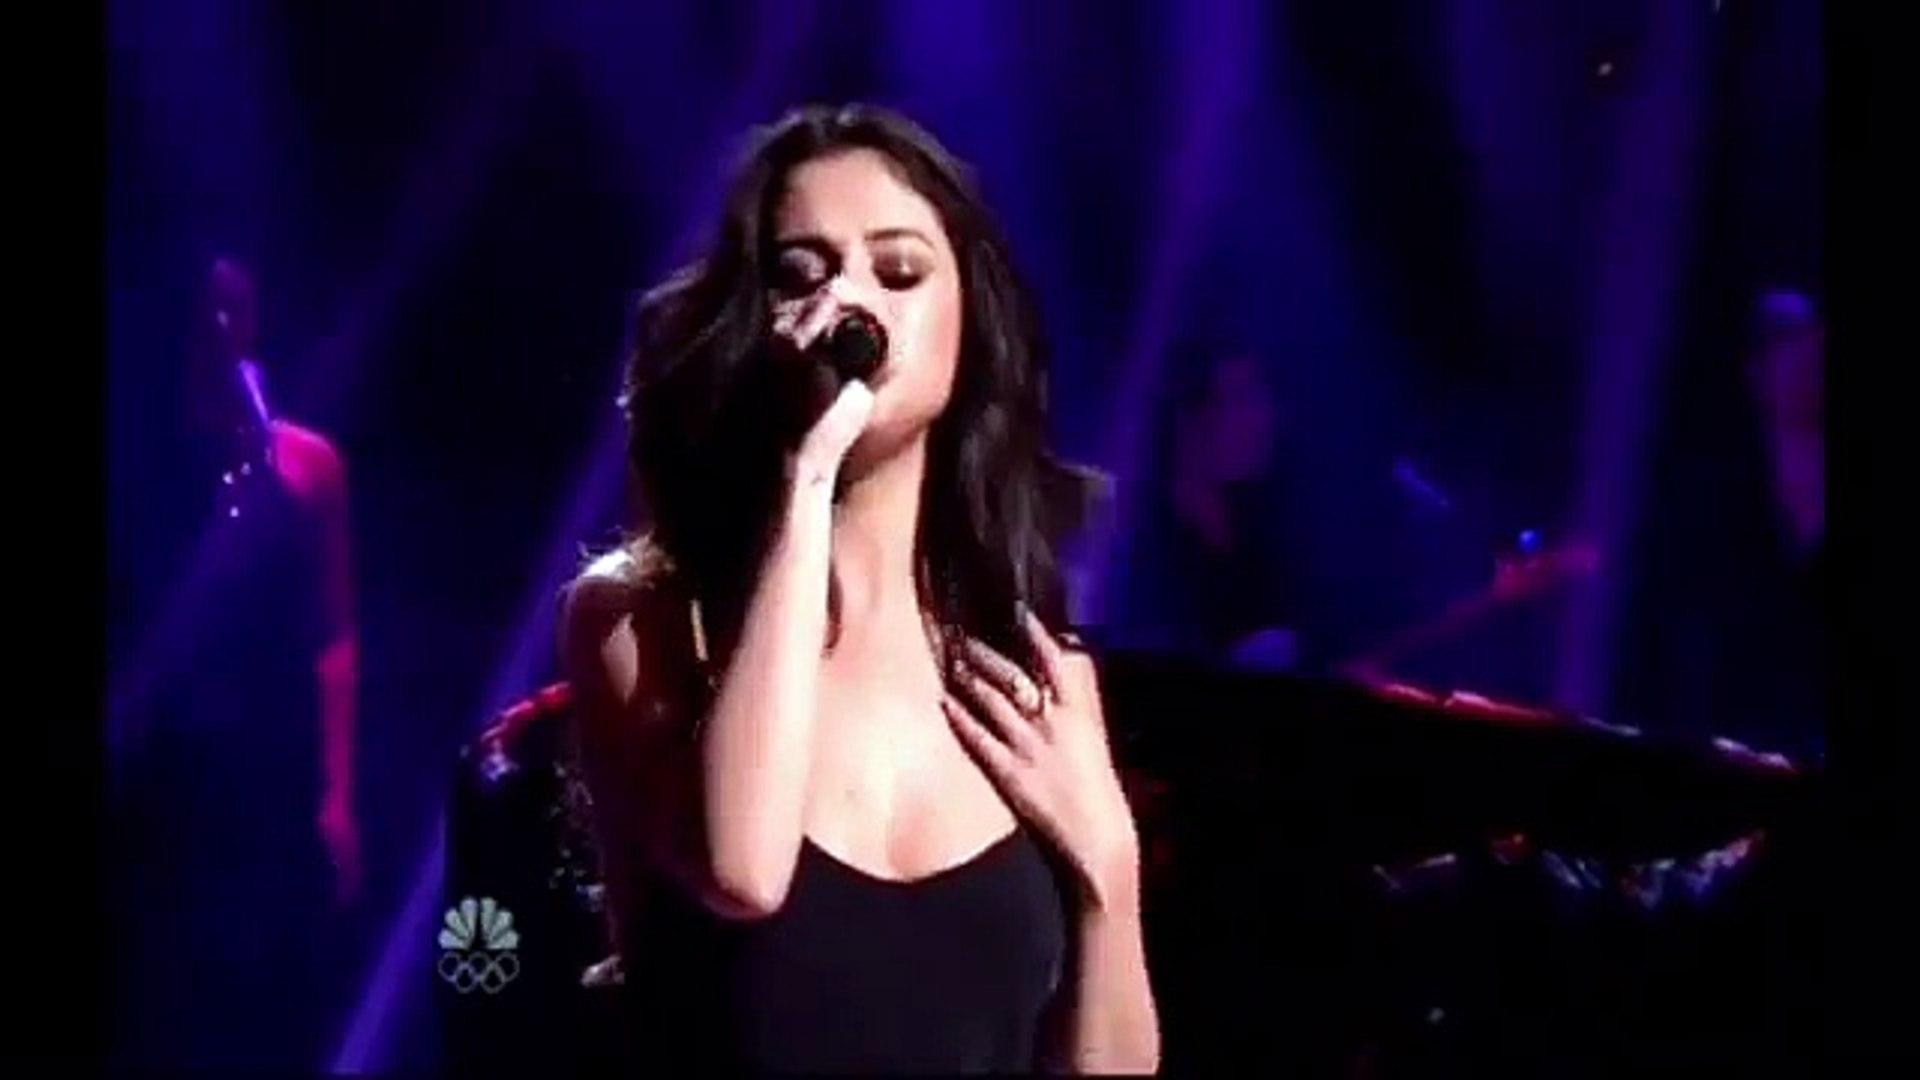 Selena Gomez on SNL